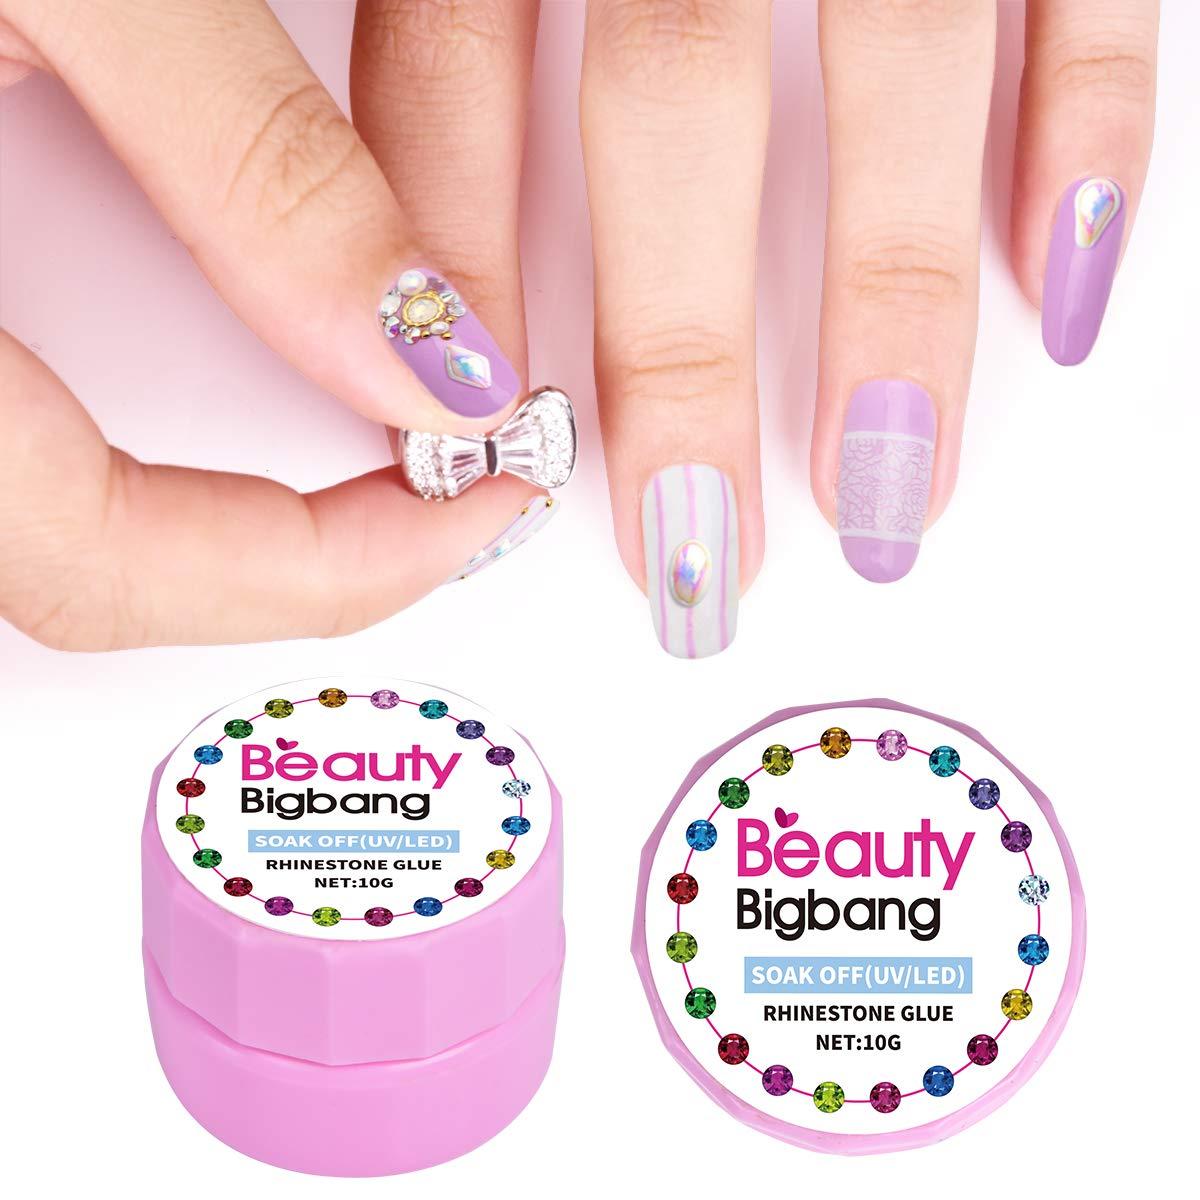 Beautybigang UV-Gel-Nagelkunst mit Strasssteinen, Klebstoff, Metall, Schmuck, Zubehör, sehr klebend, Nagelgel, Nagelgel, Nageldekoration, Werkzeug Zubehör BEAUTYBIGBANG